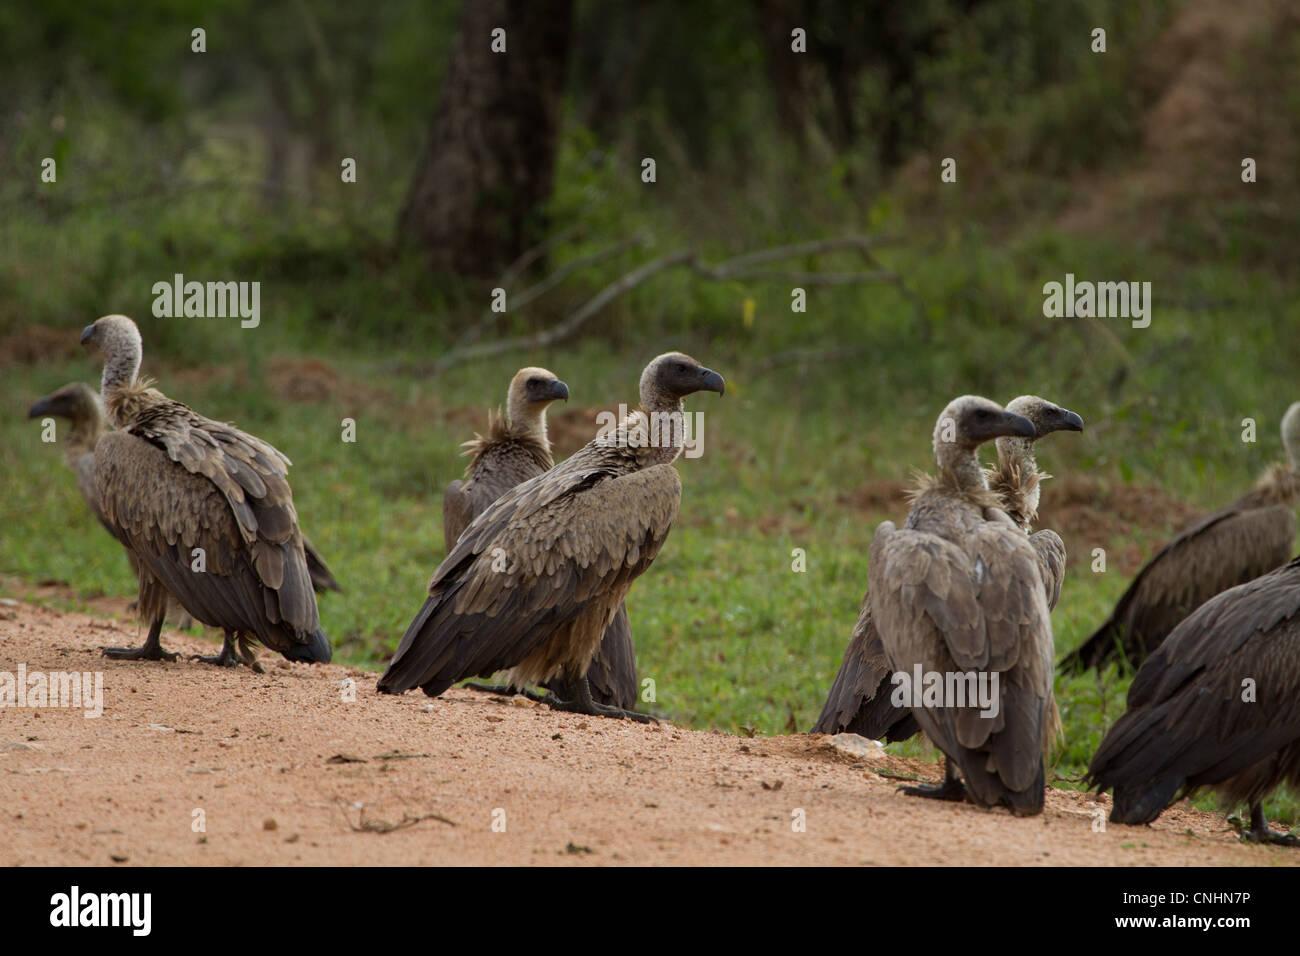 White-Backed Vultures (Gyps africanus) on the road in Lake Mburo National Park, Uganda - Stock Image